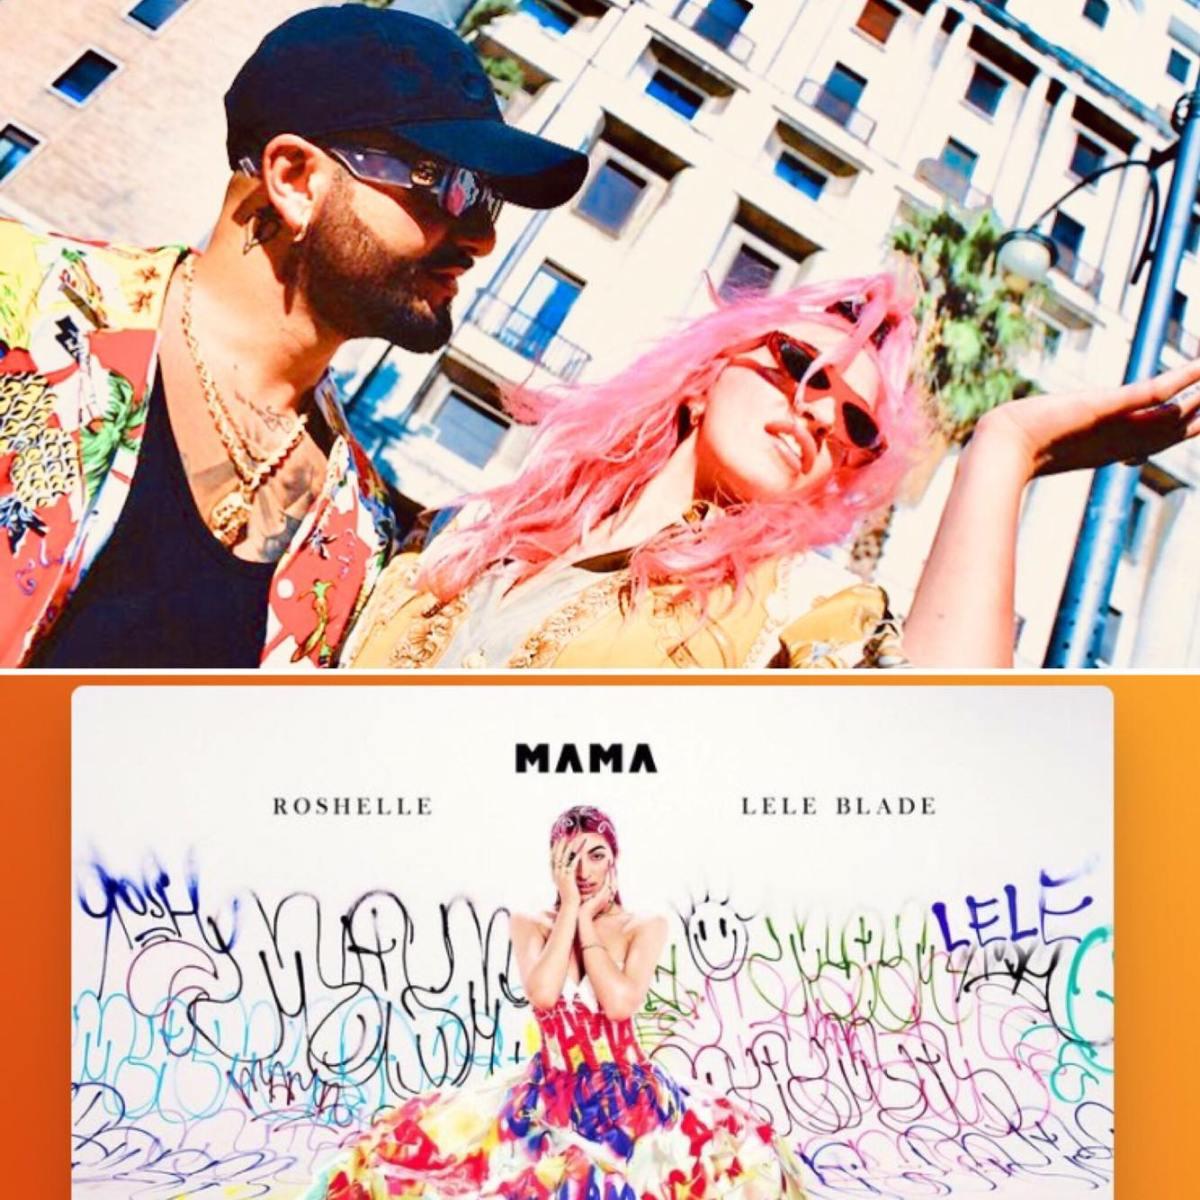 -MAMA- la 'Hit successo' di  Roshelle feat LeleBlade